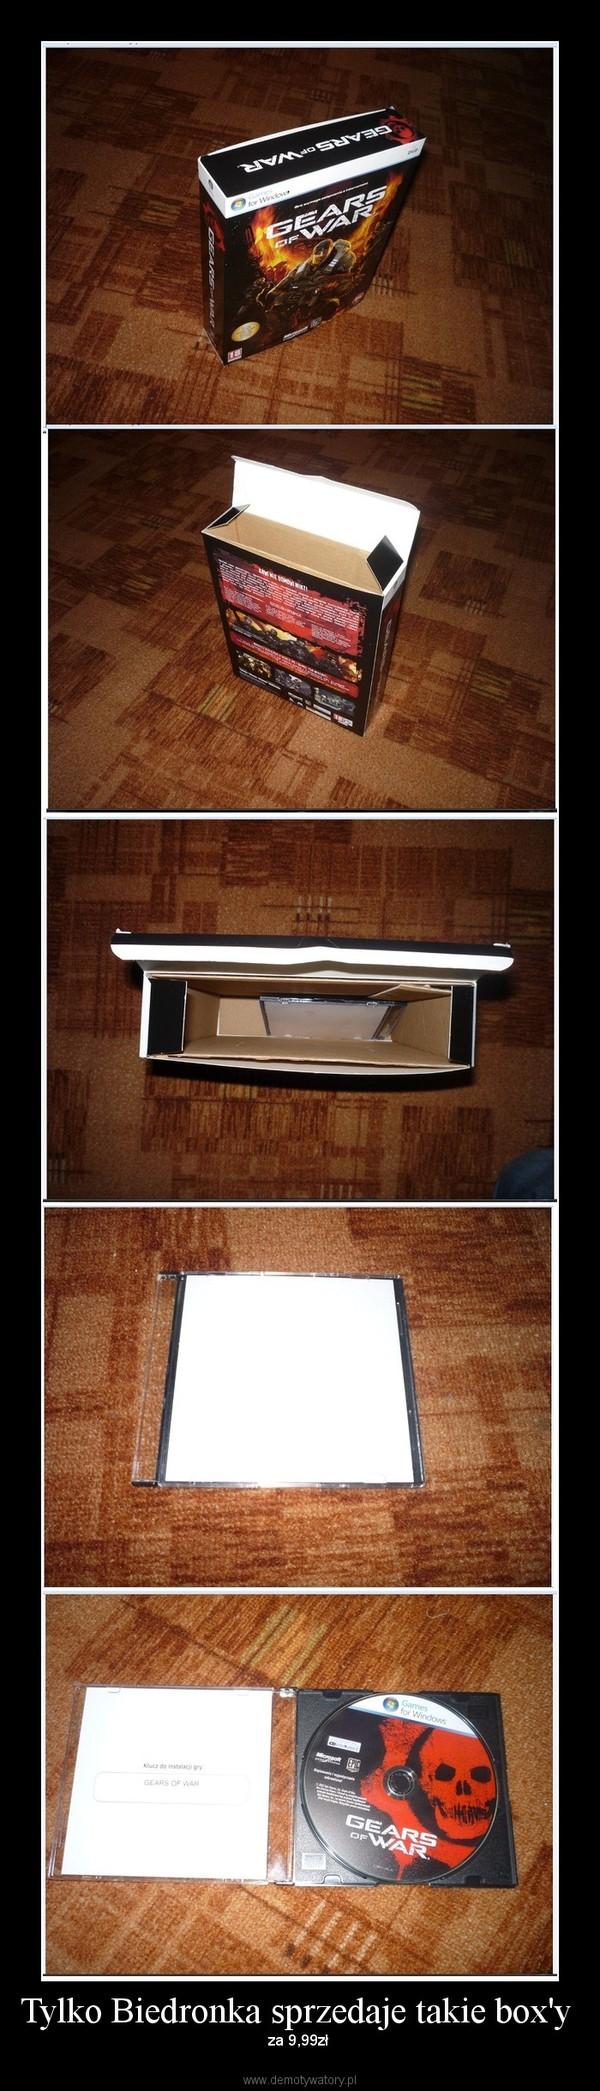 Tylko Biedronka sprzedaje takie box'y  – za 9,99zł